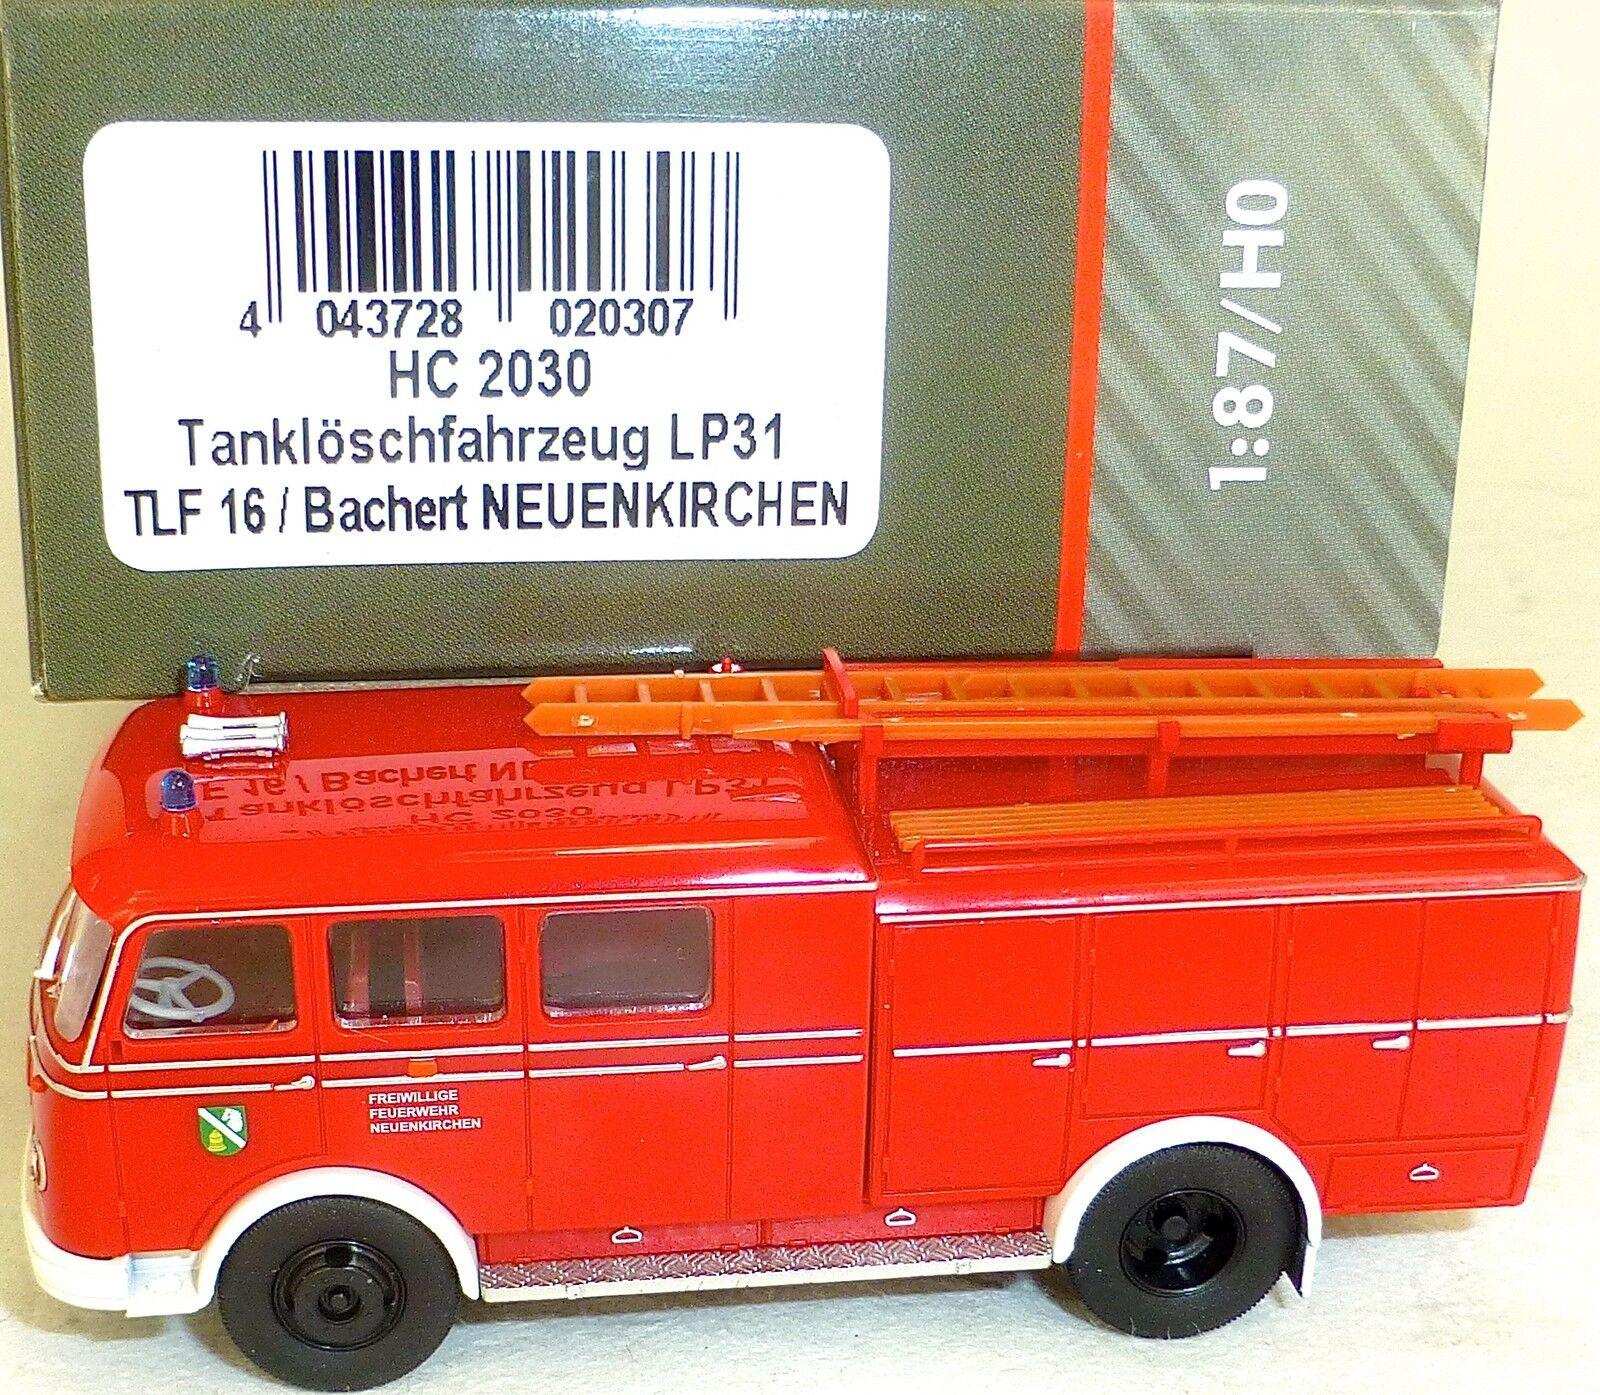 Camion-citerne incendie pour les pompiers LP31 TLF16 Bachert ENKIRCHEN HEICO